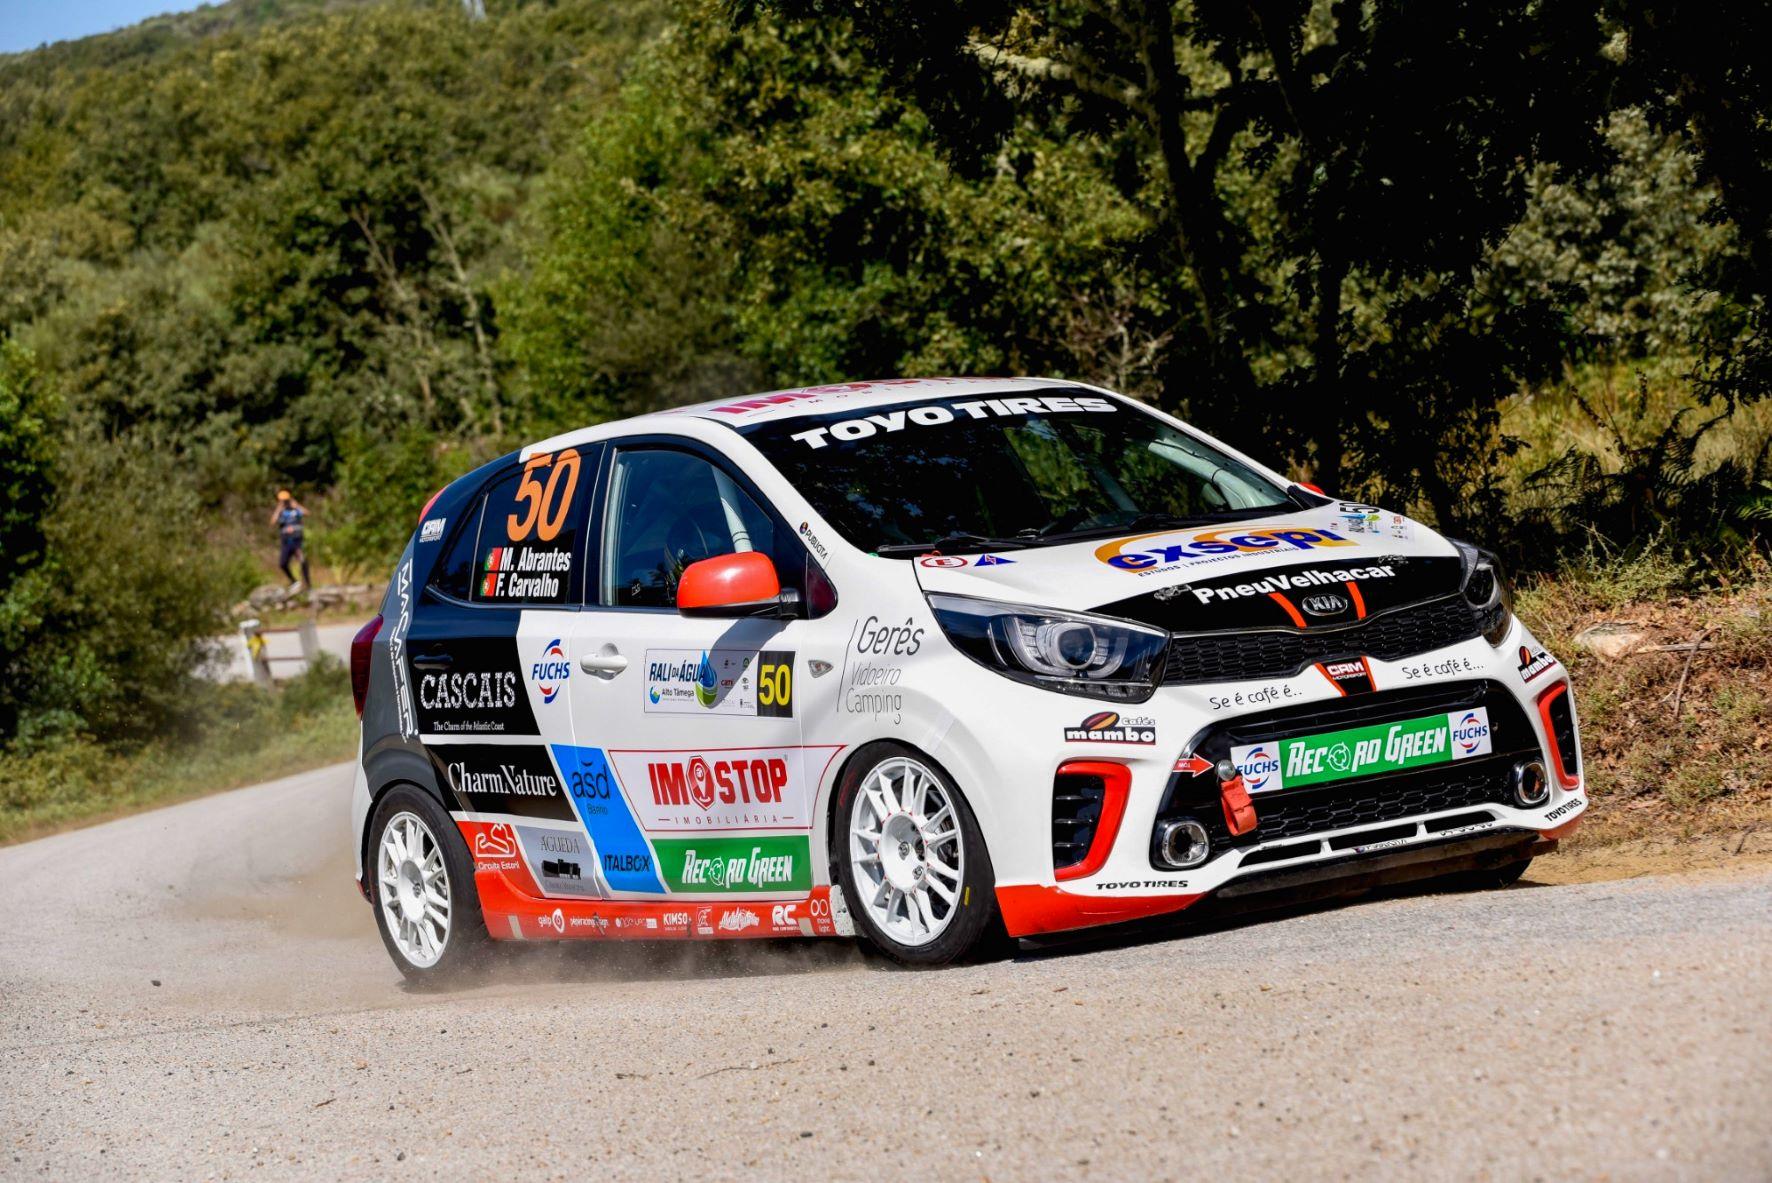 Rali do Vidreiro acolhe regresso do Rio e última jornada do Kia Rally Cup 19